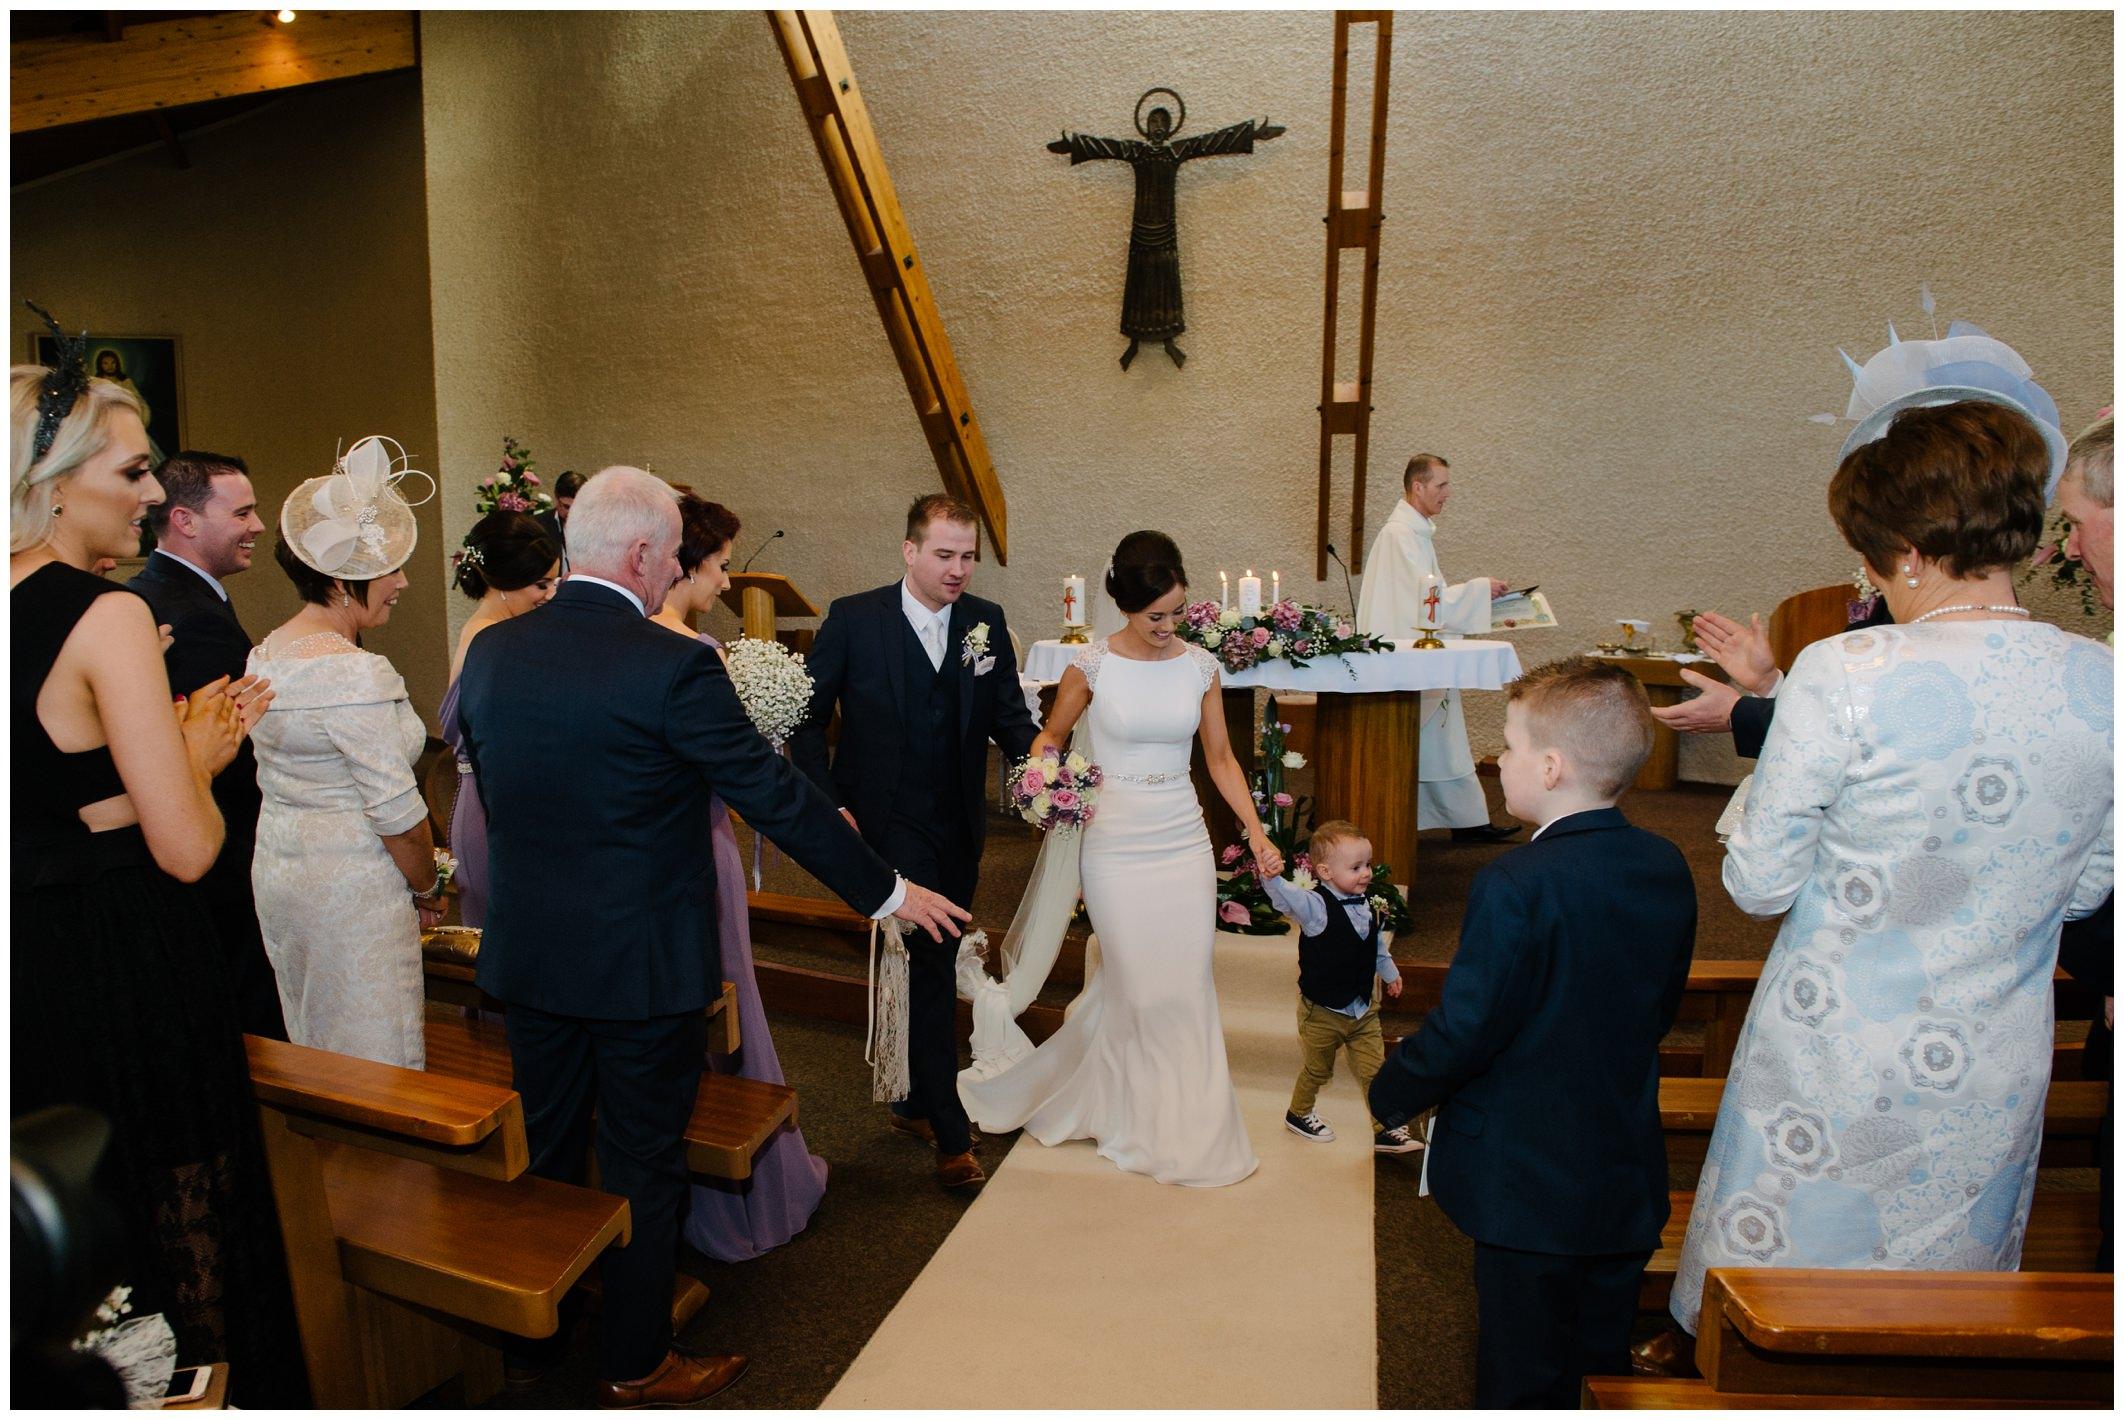 nicola_colm_villa_rose_wedding_jude_browne_photography_0050.jpg